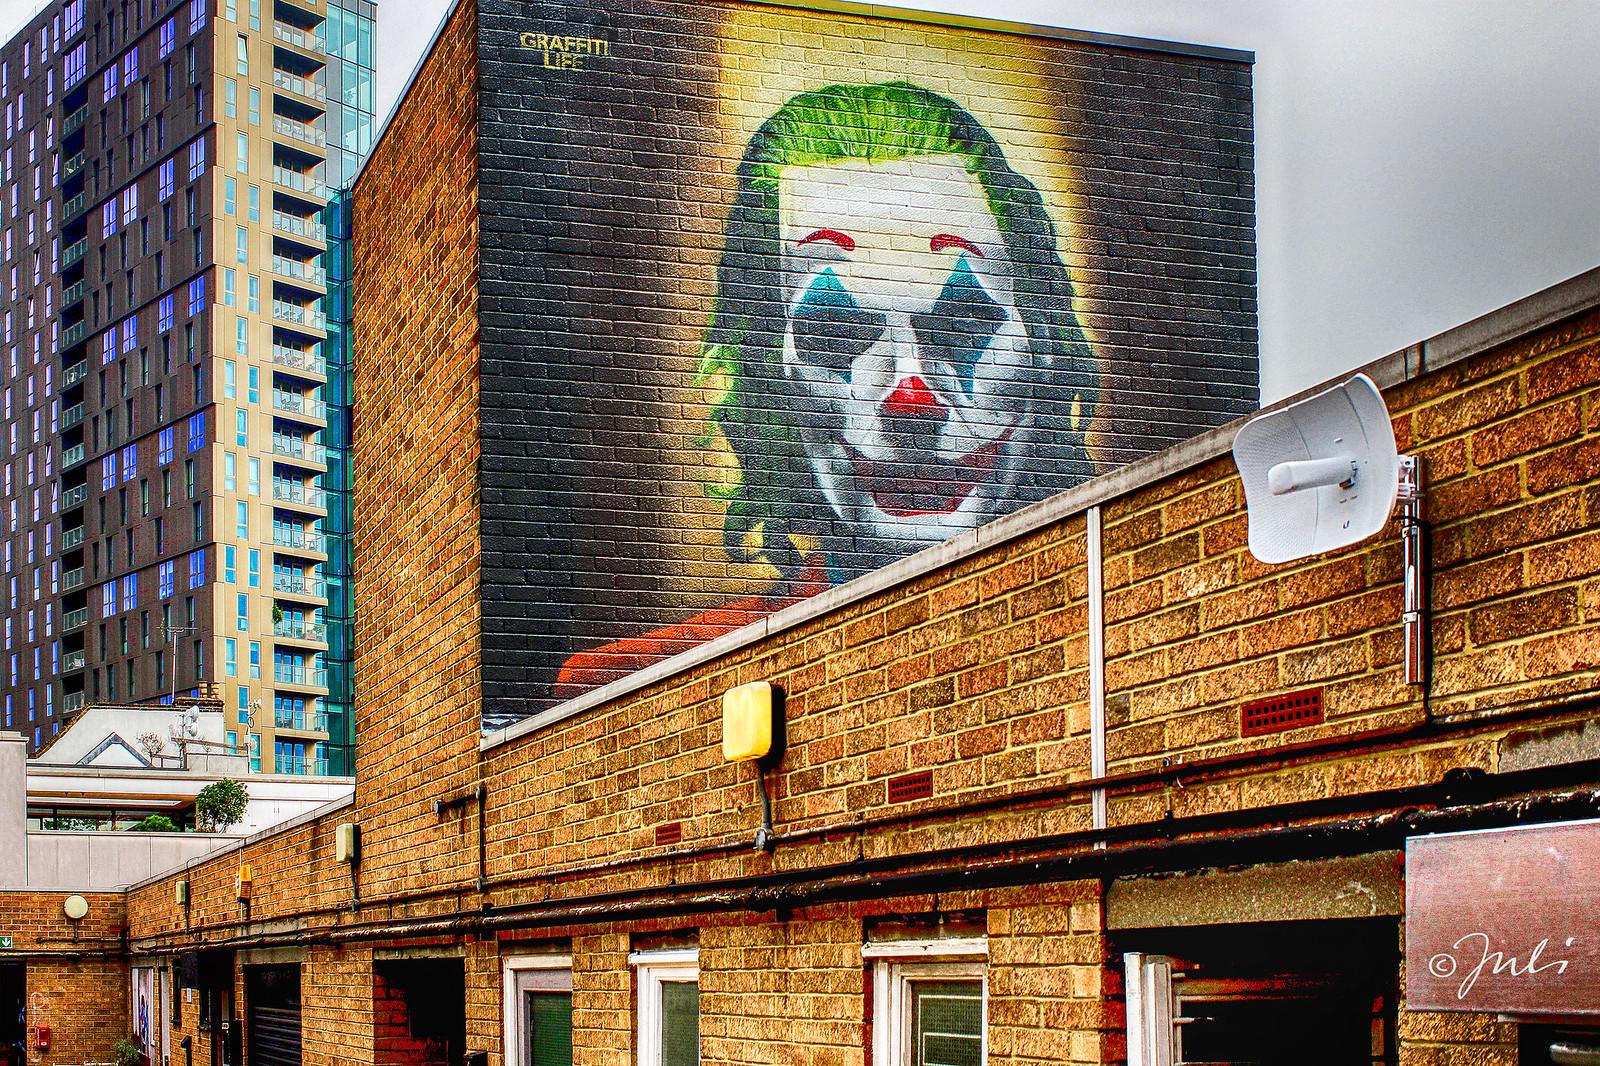 #Joker portrait - #StreetArt by #GRAFFITILIFE in #London, #England